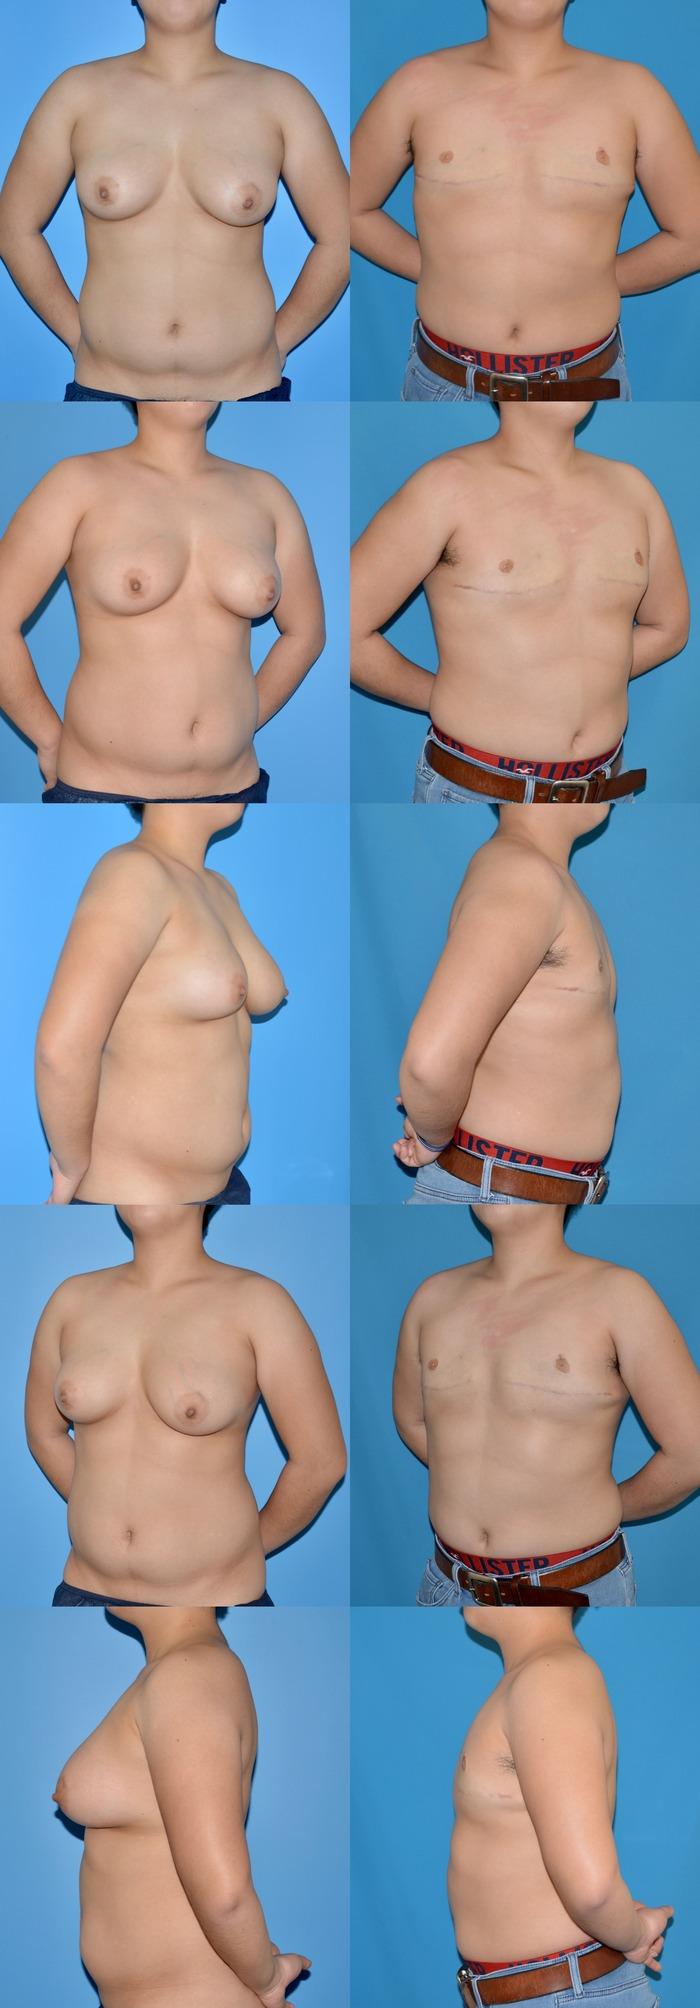 乳房切断術 乳輪乳頭移植